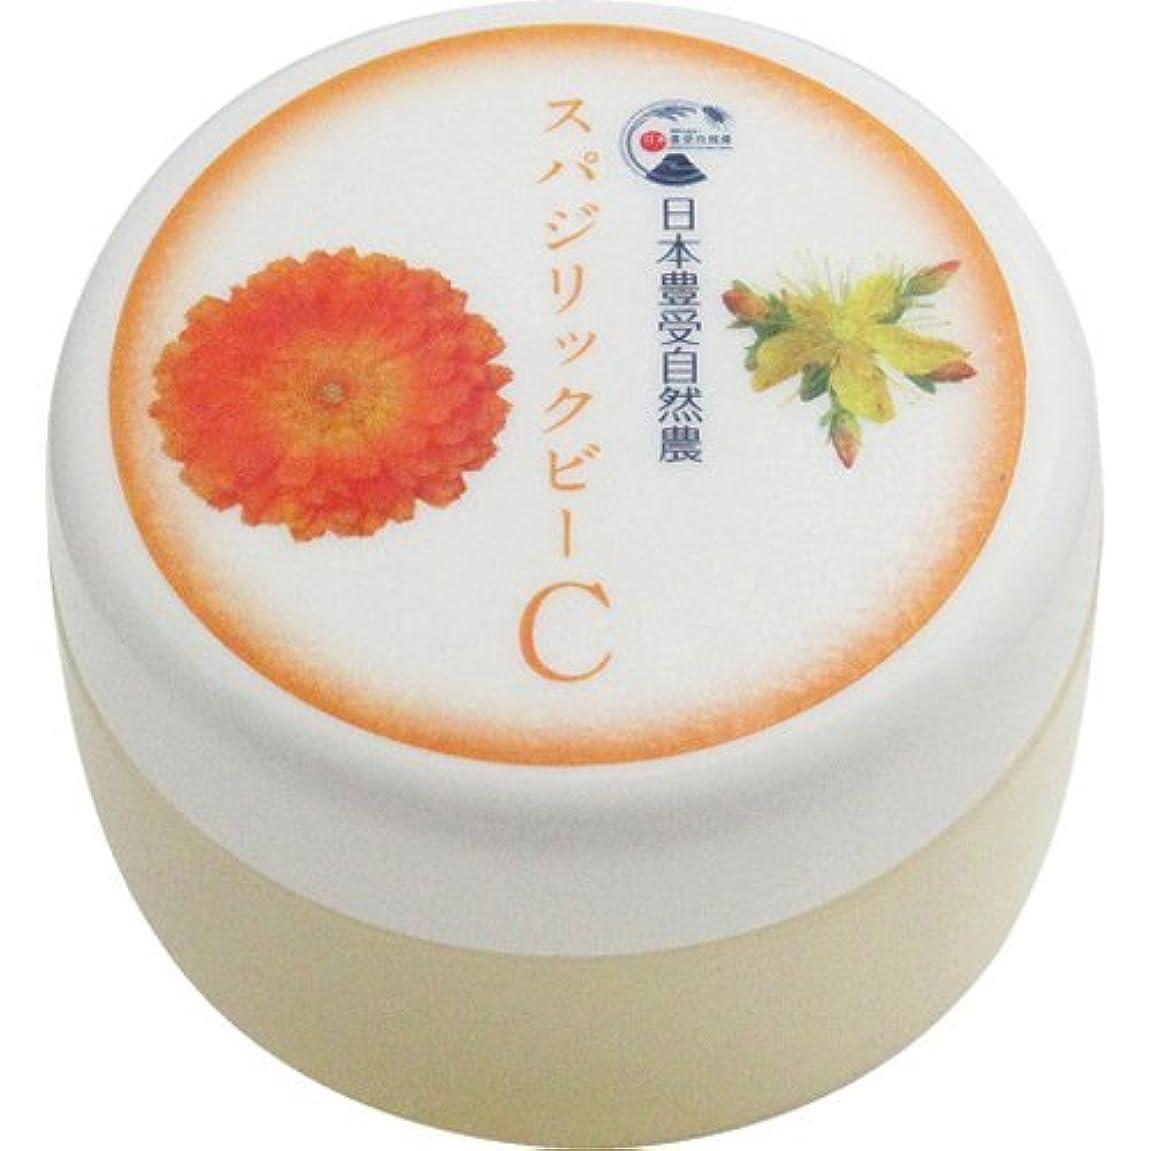 免疫する浴室哲学者日本豊受自然農 スパジリック ビーC(小) 10g